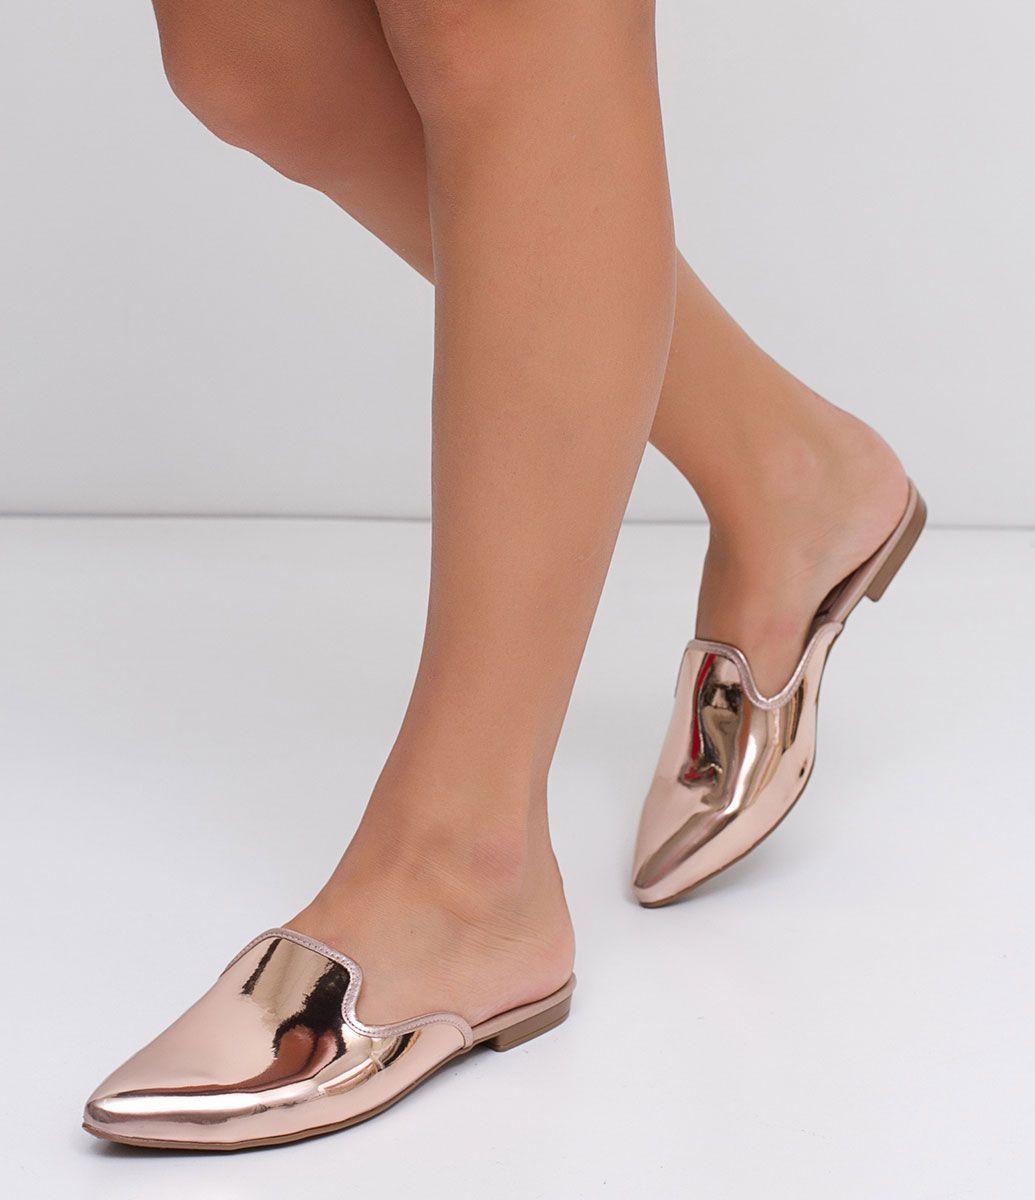 9c866991a4 MODELOS DE ZAPATOS BEIRA RIO  beira  modelos  modelosdezapatos  zapatos  Sapatos Verão 2018